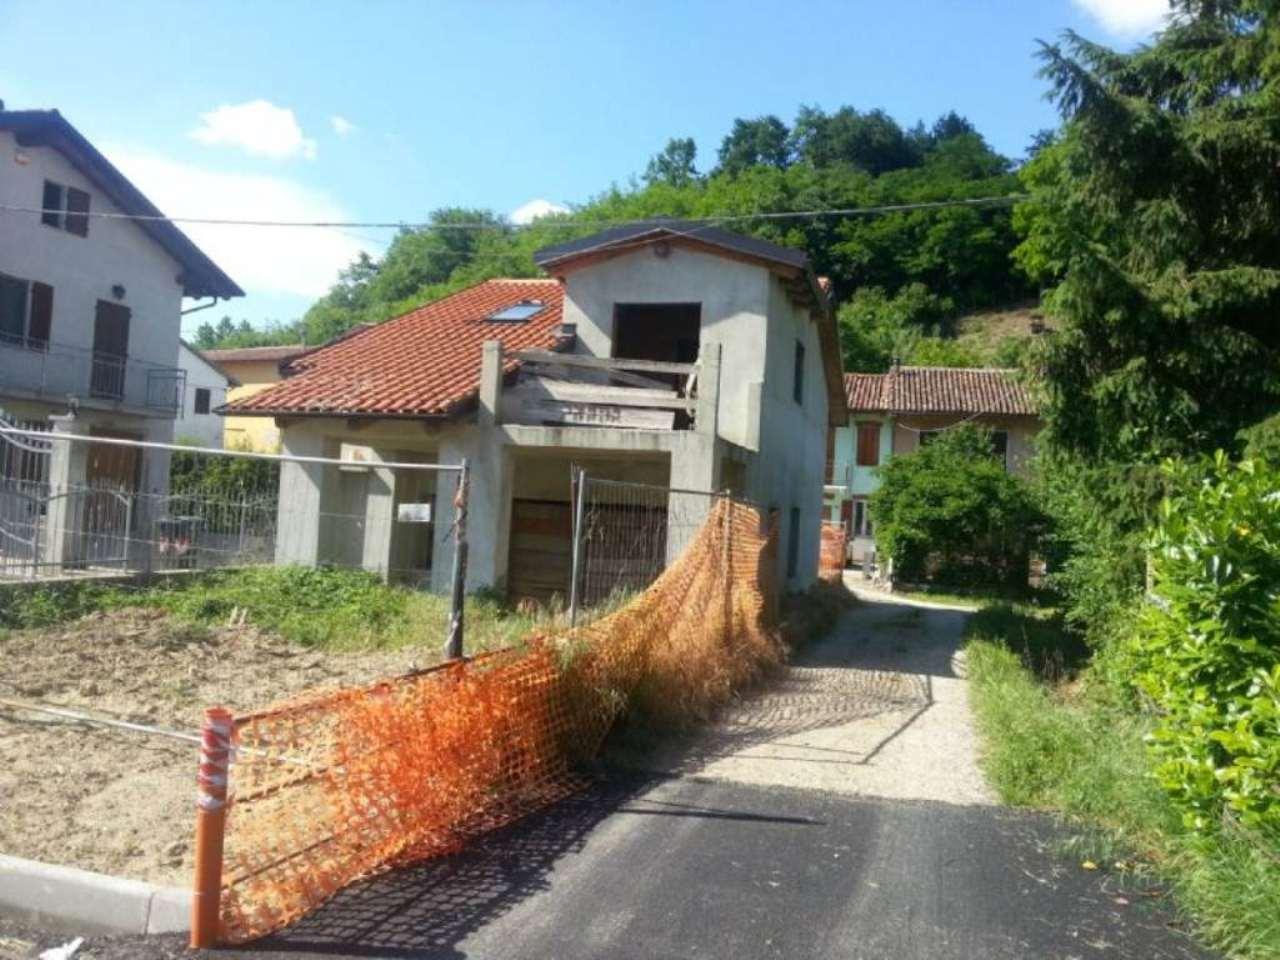 Soluzione Indipendente in vendita a San Damiano d'Asti, 6 locali, prezzo € 48.000 | Cambio Casa.it